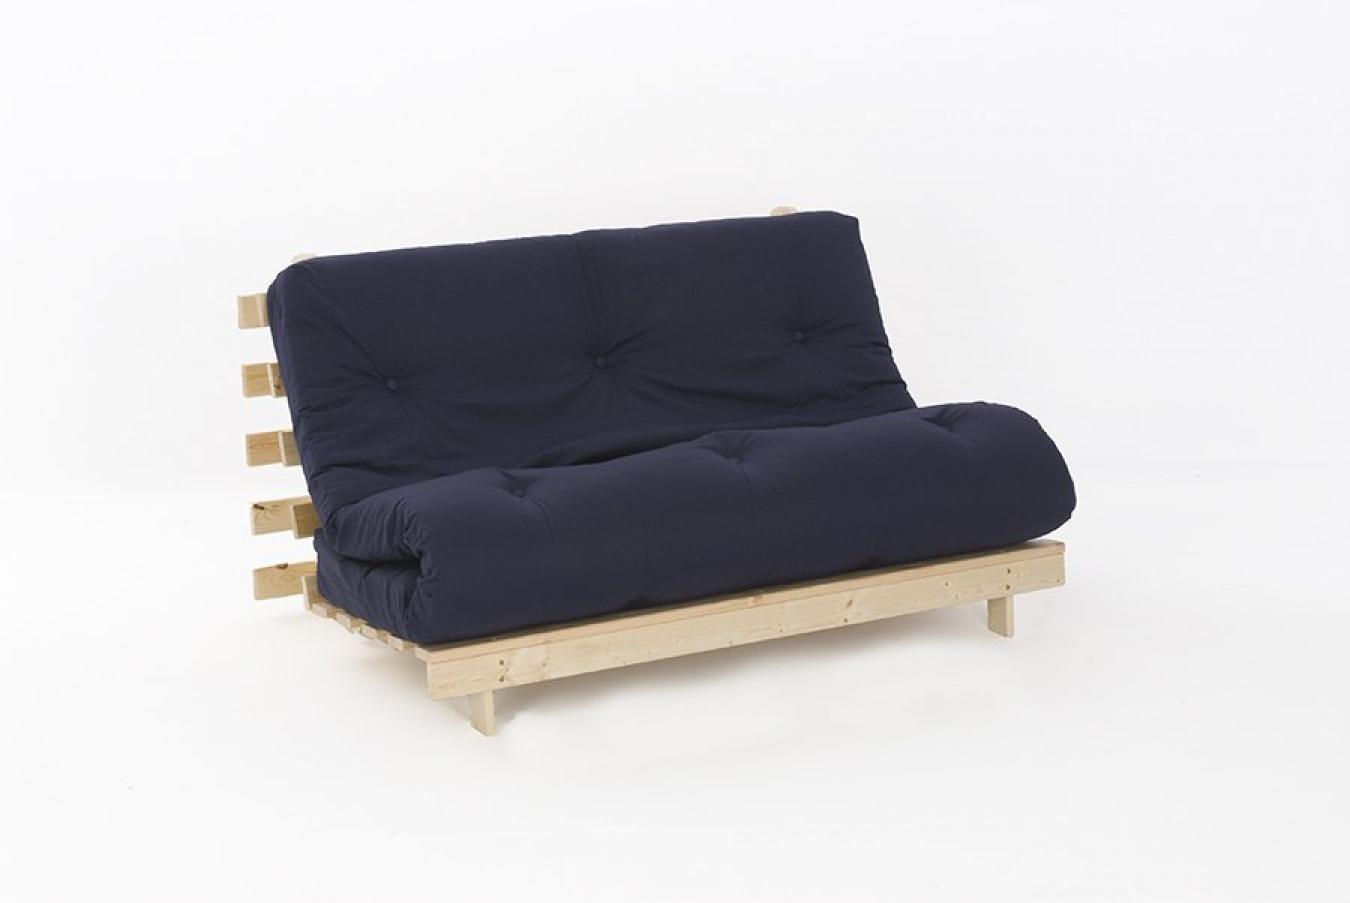 bas prix a0b7a 45757 Canapé convertible futon ikea - Maison et mobilier d'intérieur